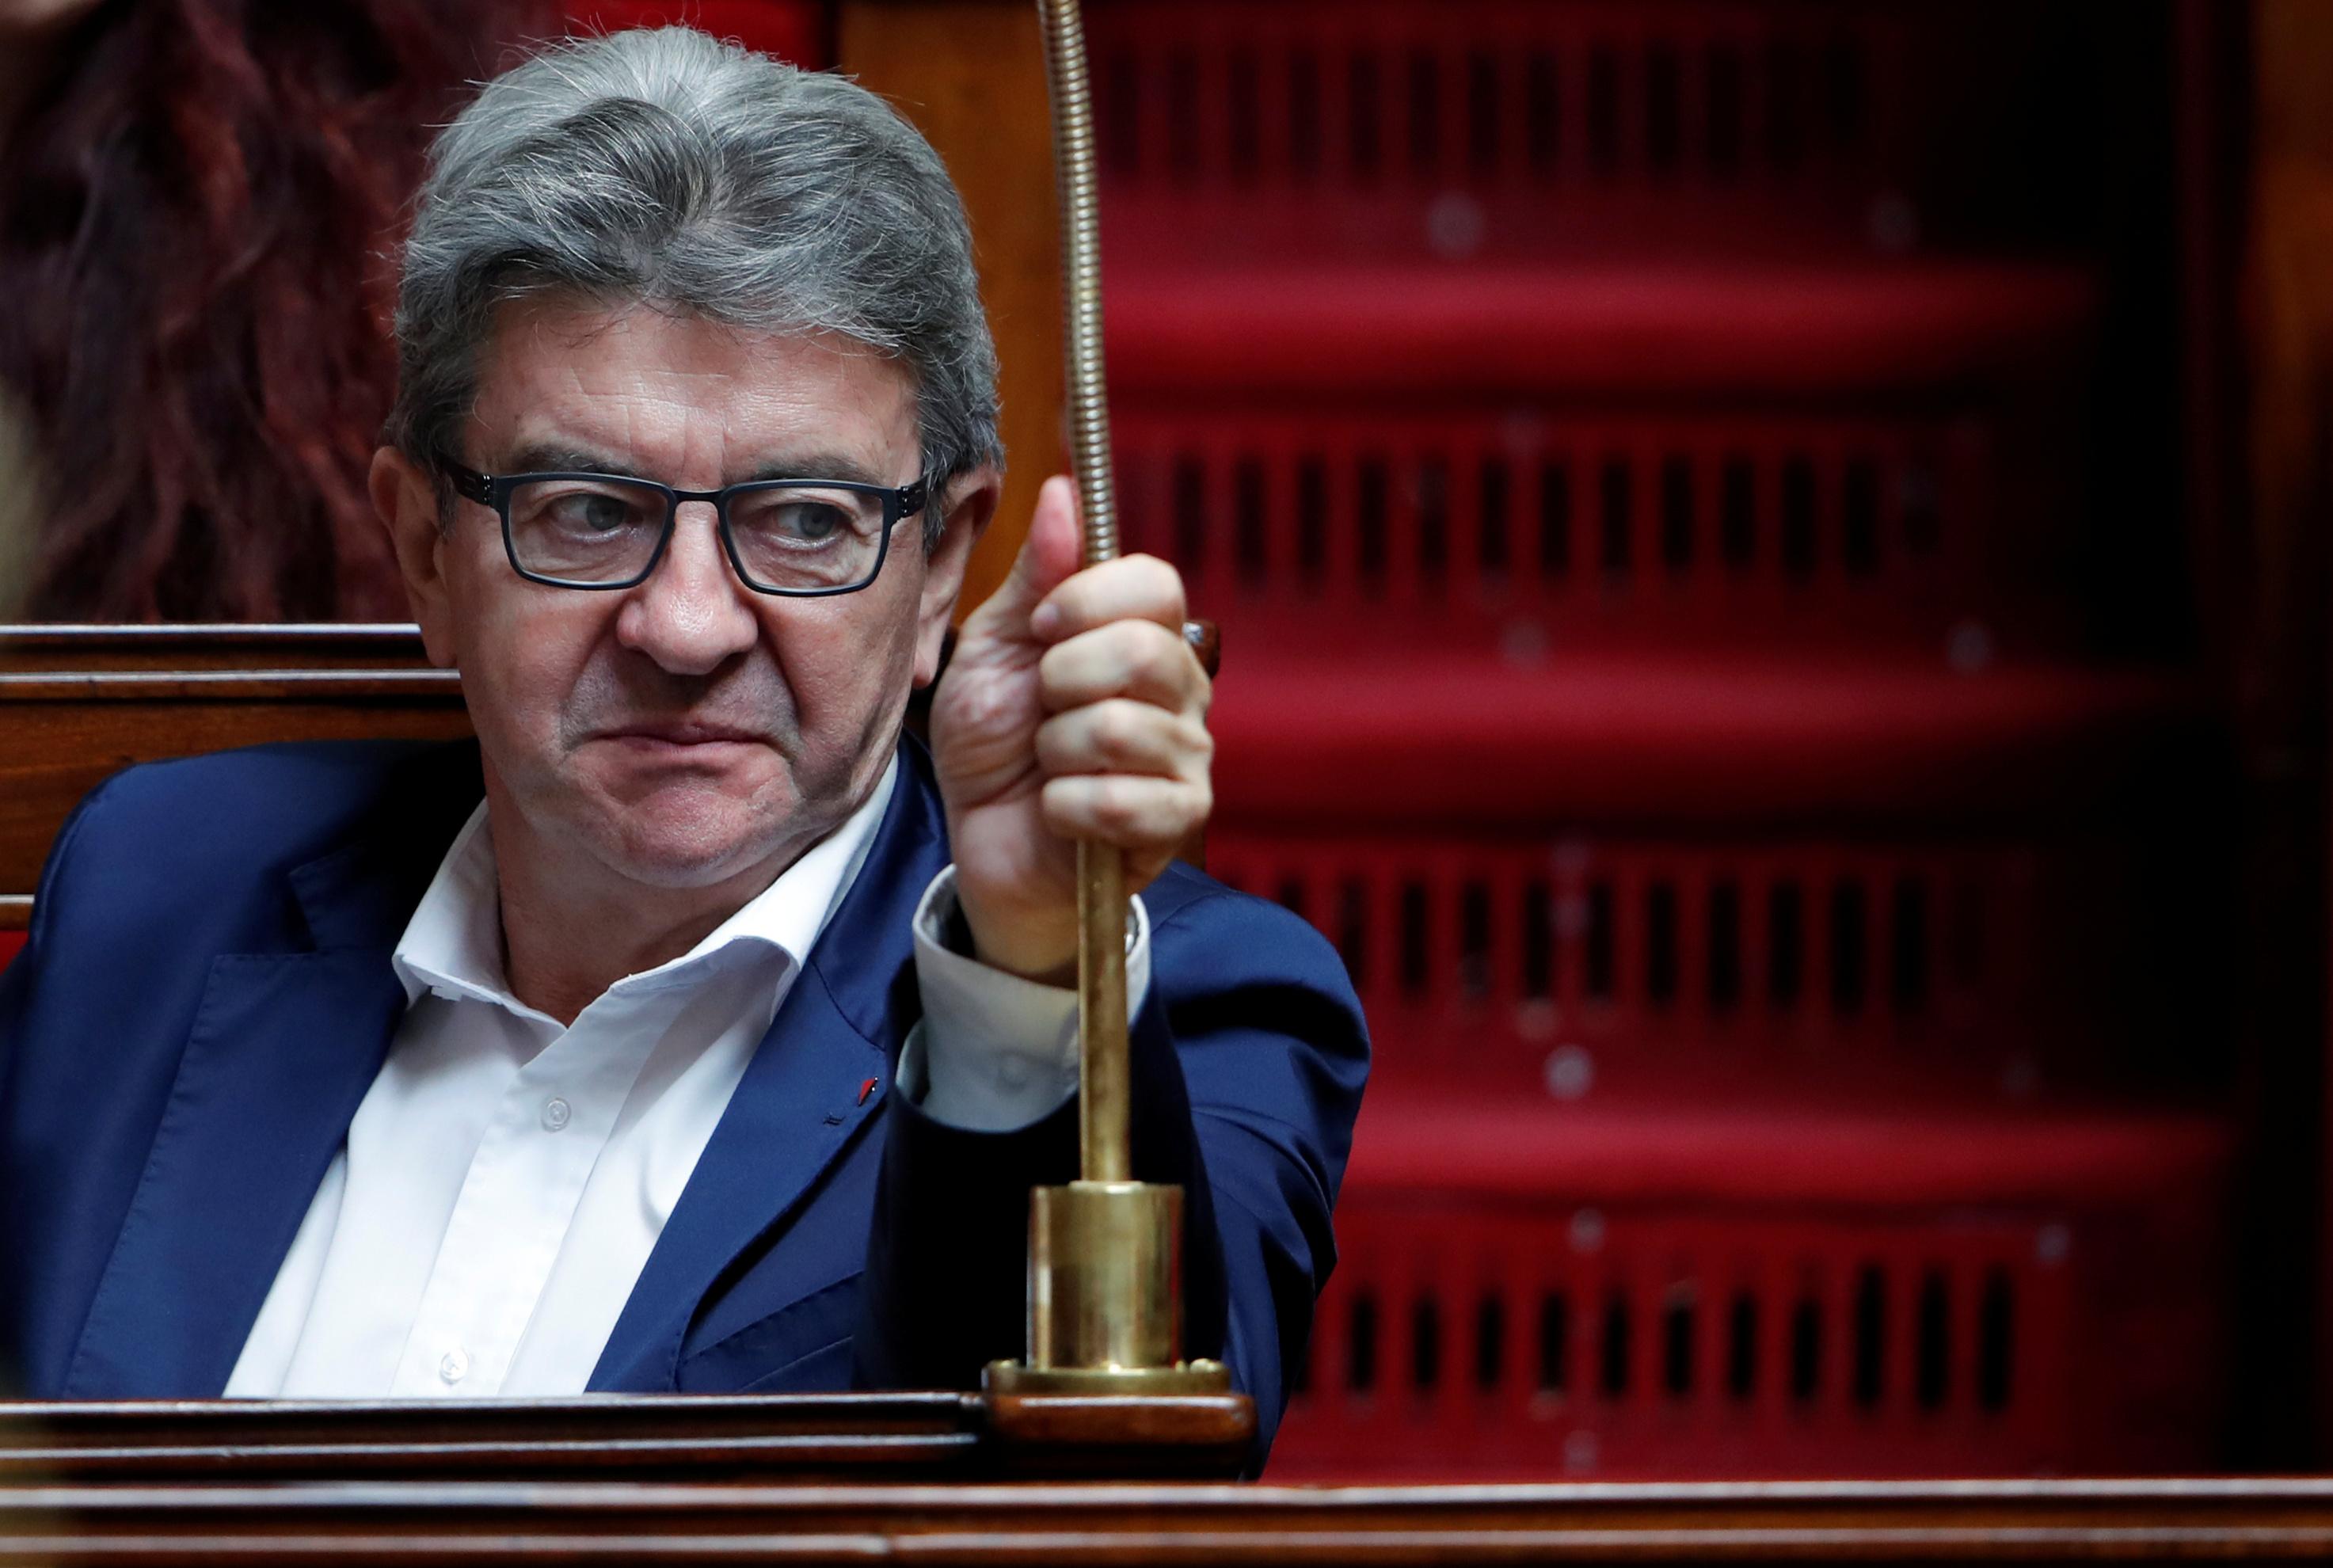 Mélenchon convoqué ce matin à l'Office de lutte contre la corruption